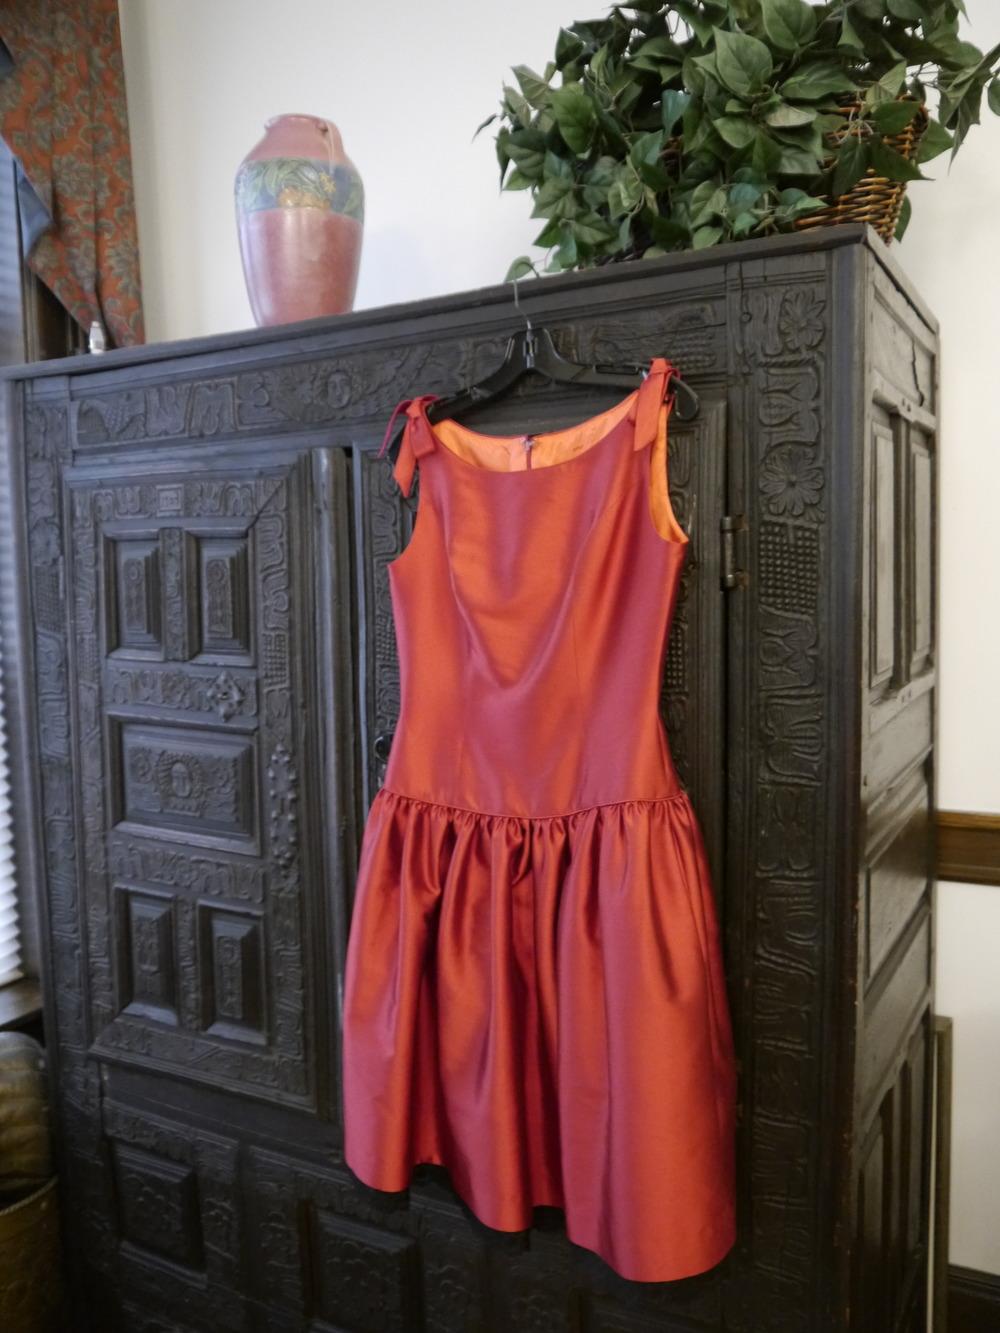 Wheeler Sale Dress for Print Media.JPG